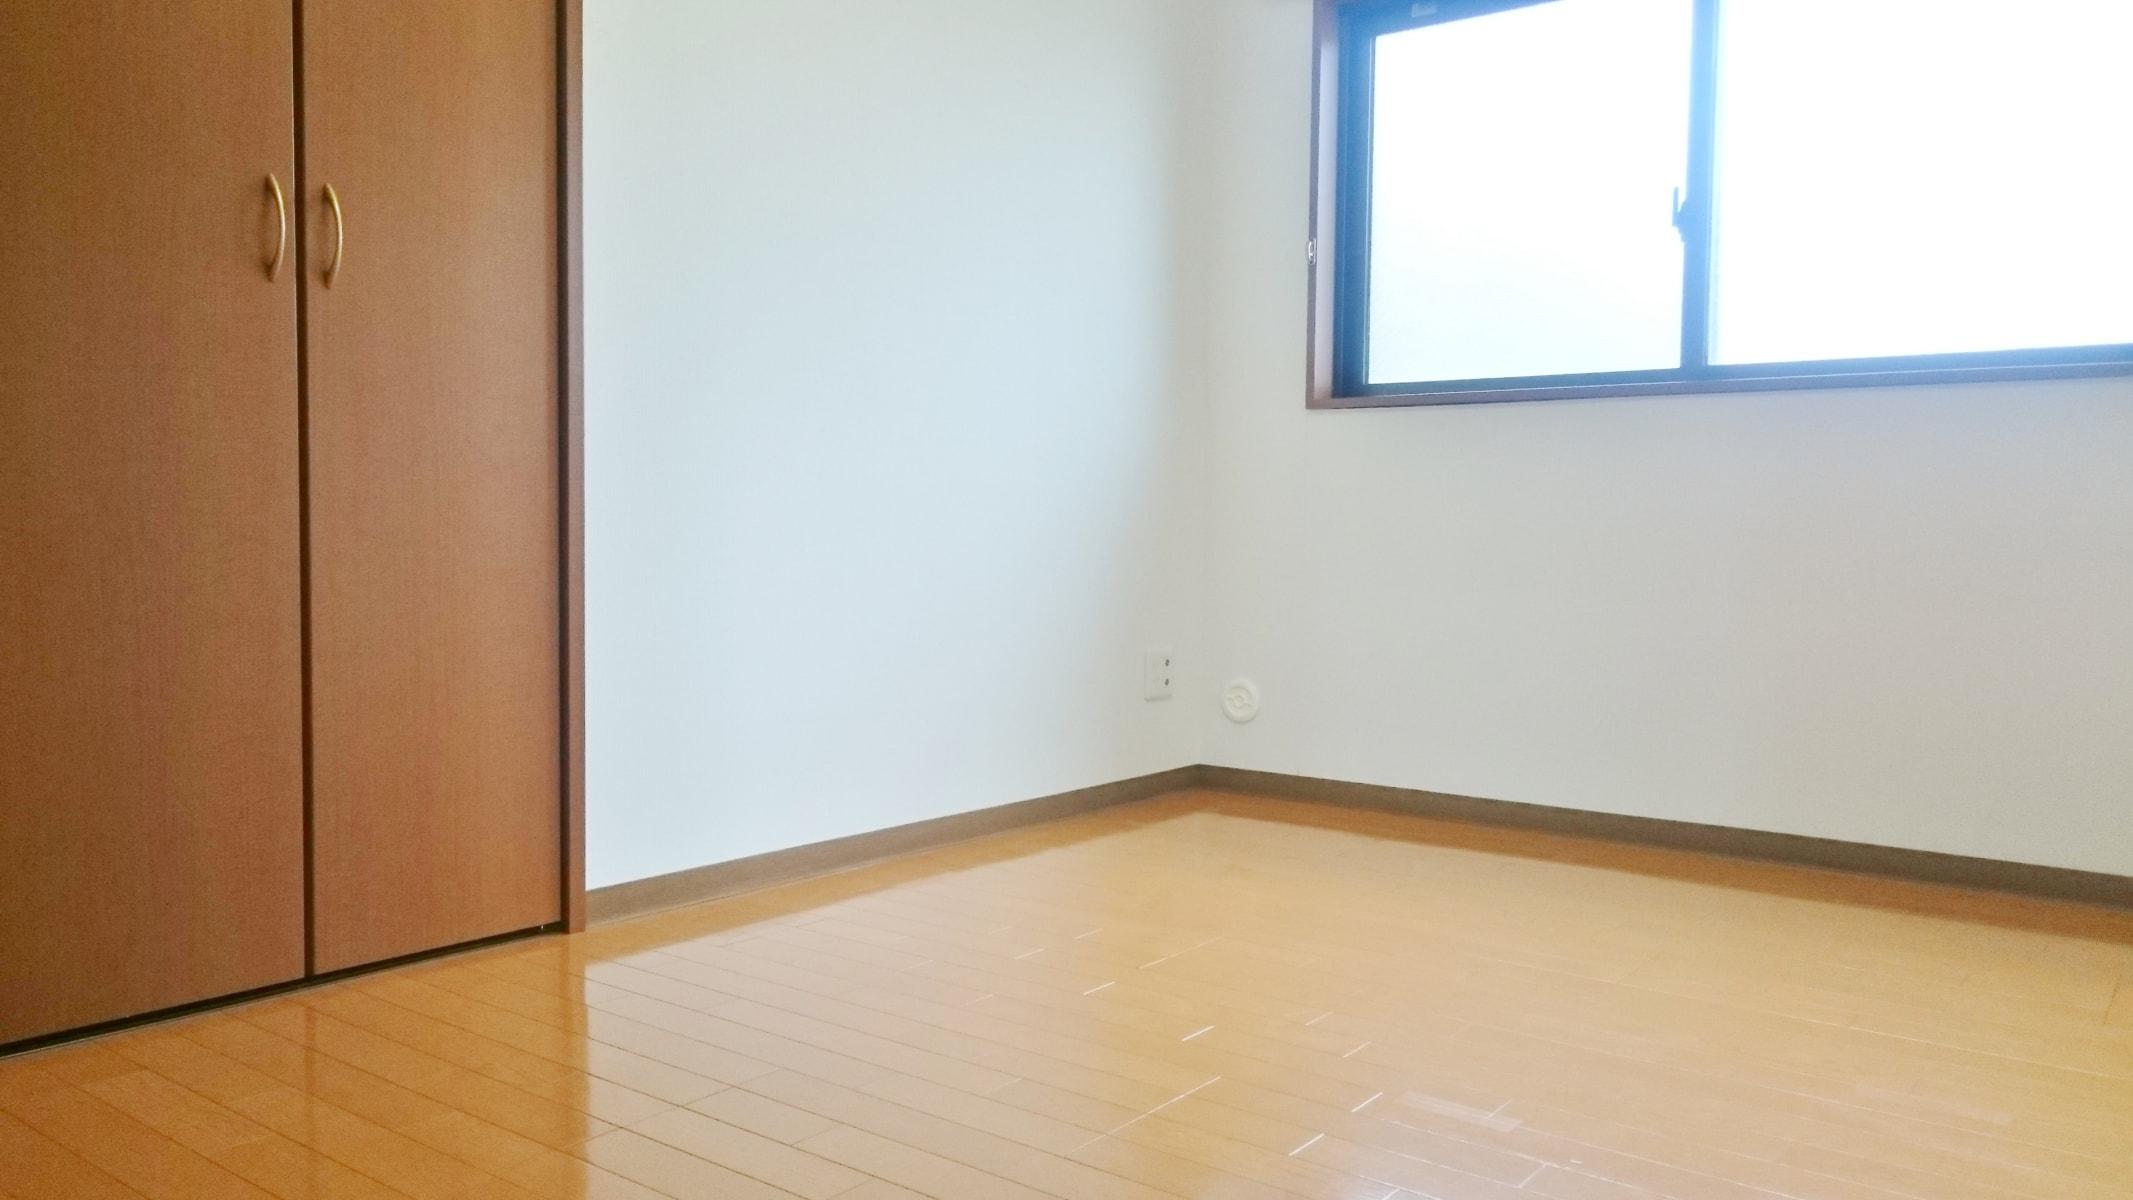 【秋田県・秋田市寺内高野】賃貸 マンション 3LDK|ユーミーコスモ 洋室 東